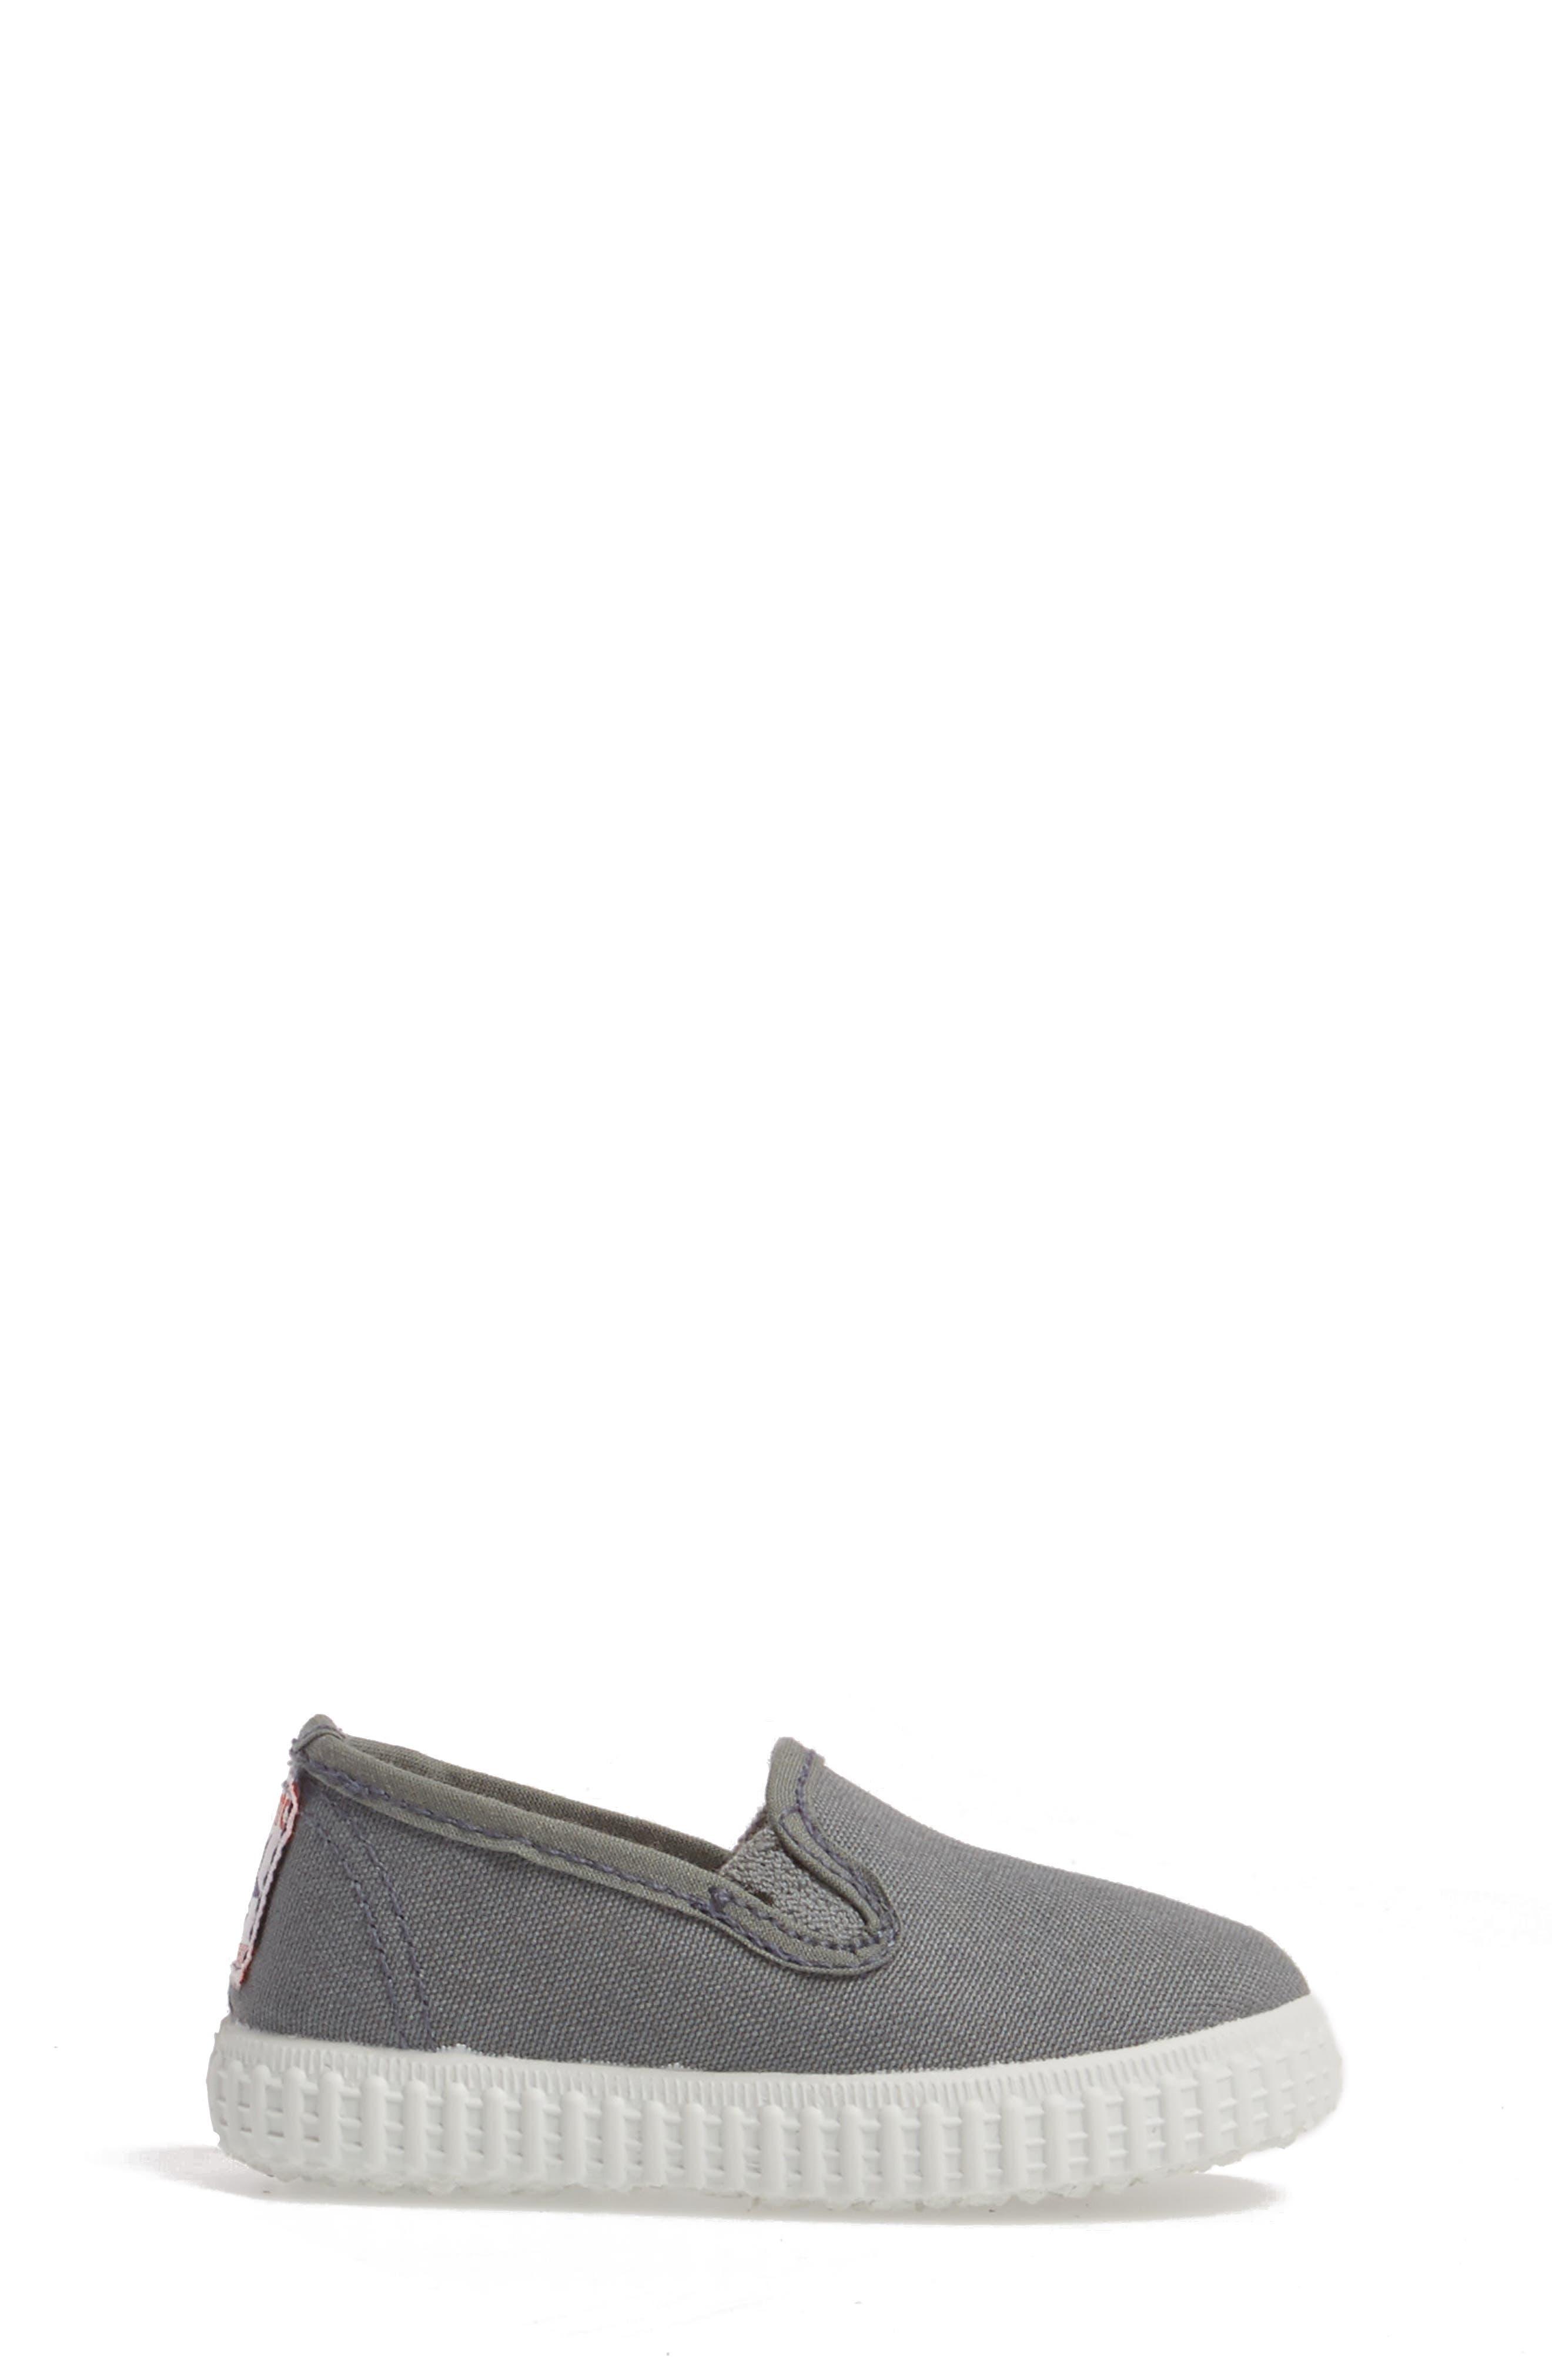 Slip-On Sneaker,                             Alternate thumbnail 3, color,                             Light Grey